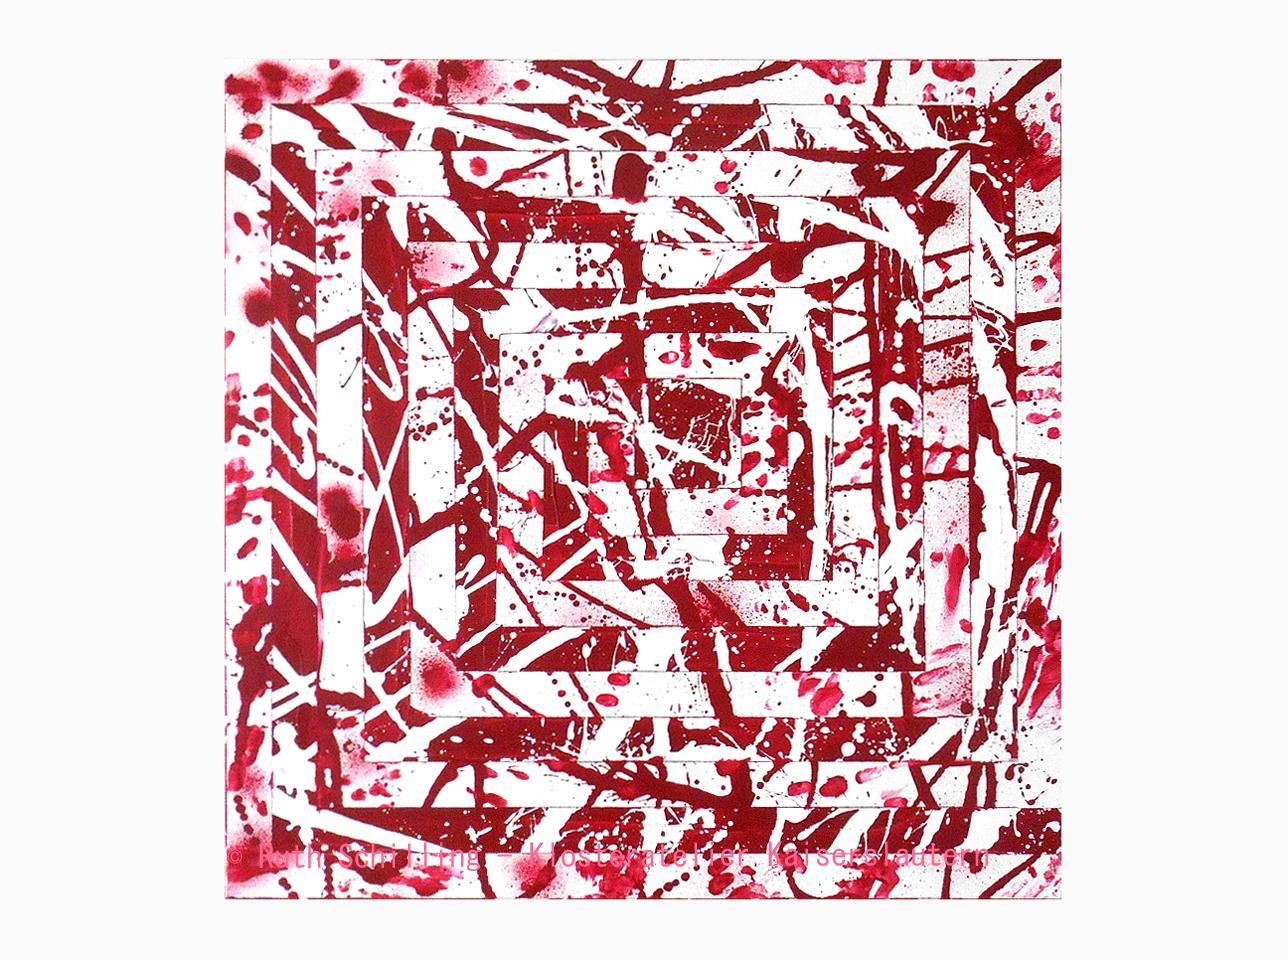 Mäander Rot Gemälde Acry auf Leinwand